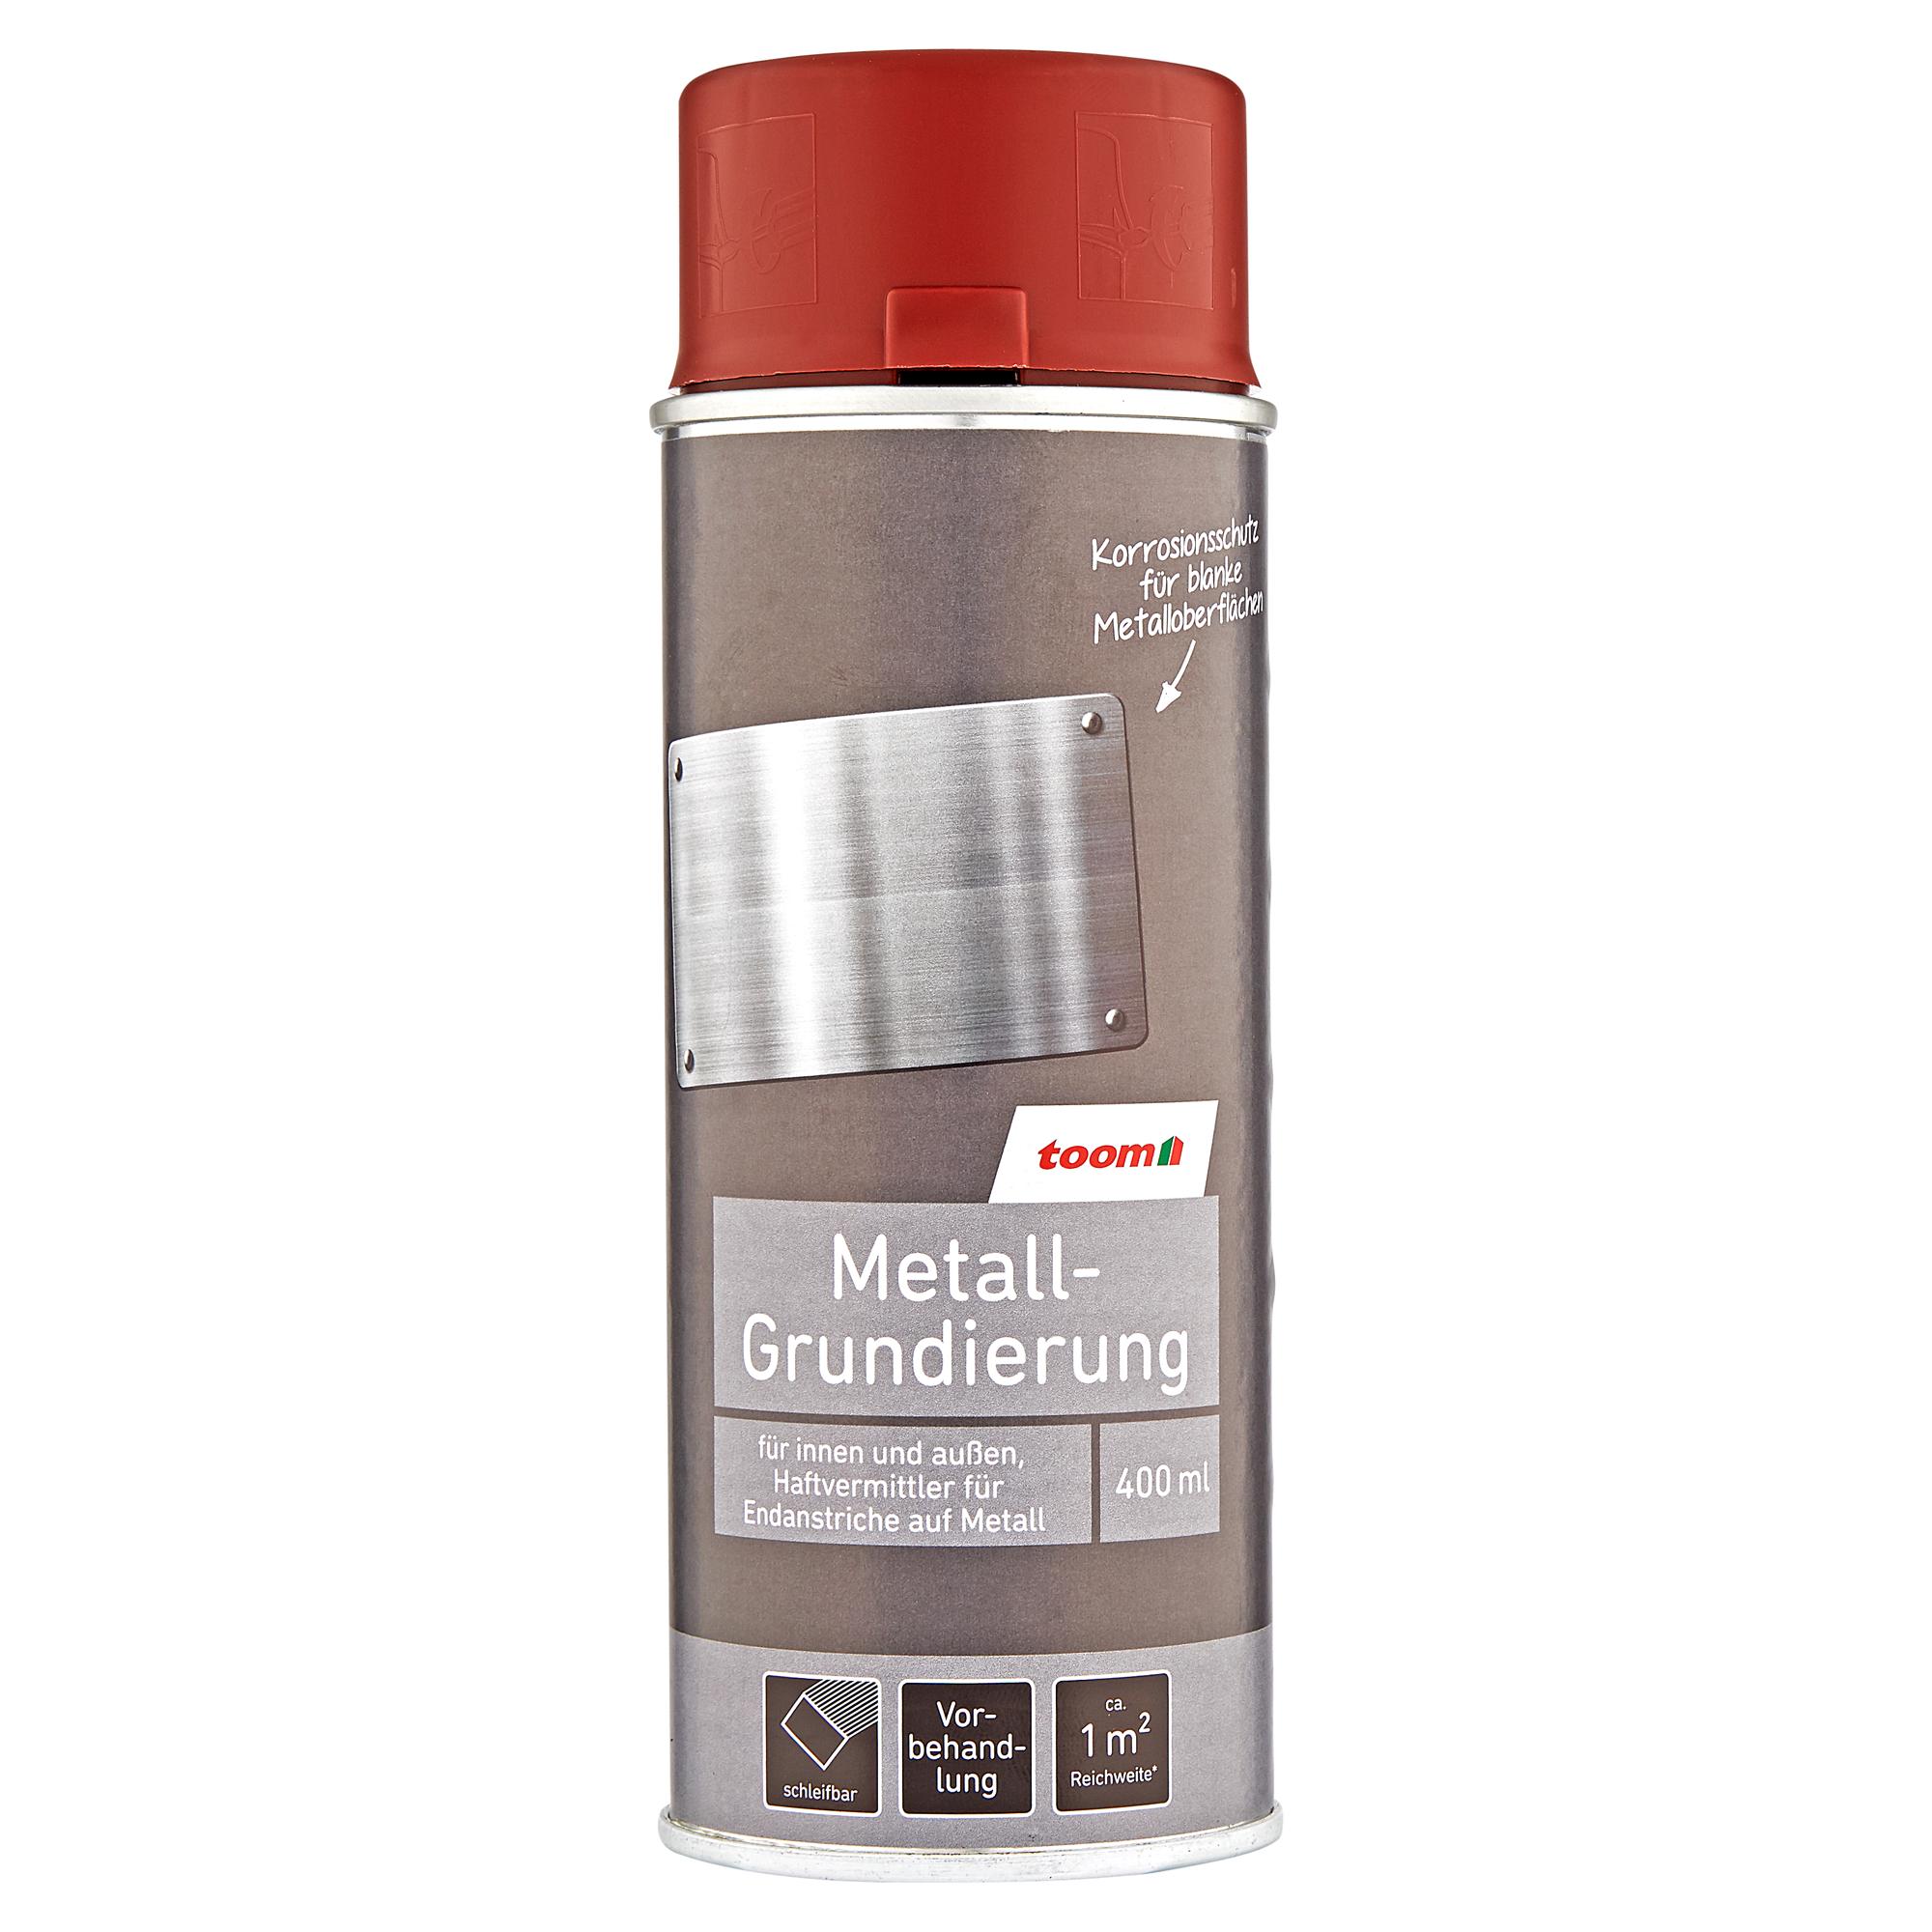 metall-grundierung braun 400 ml ǀ toom baumarkt